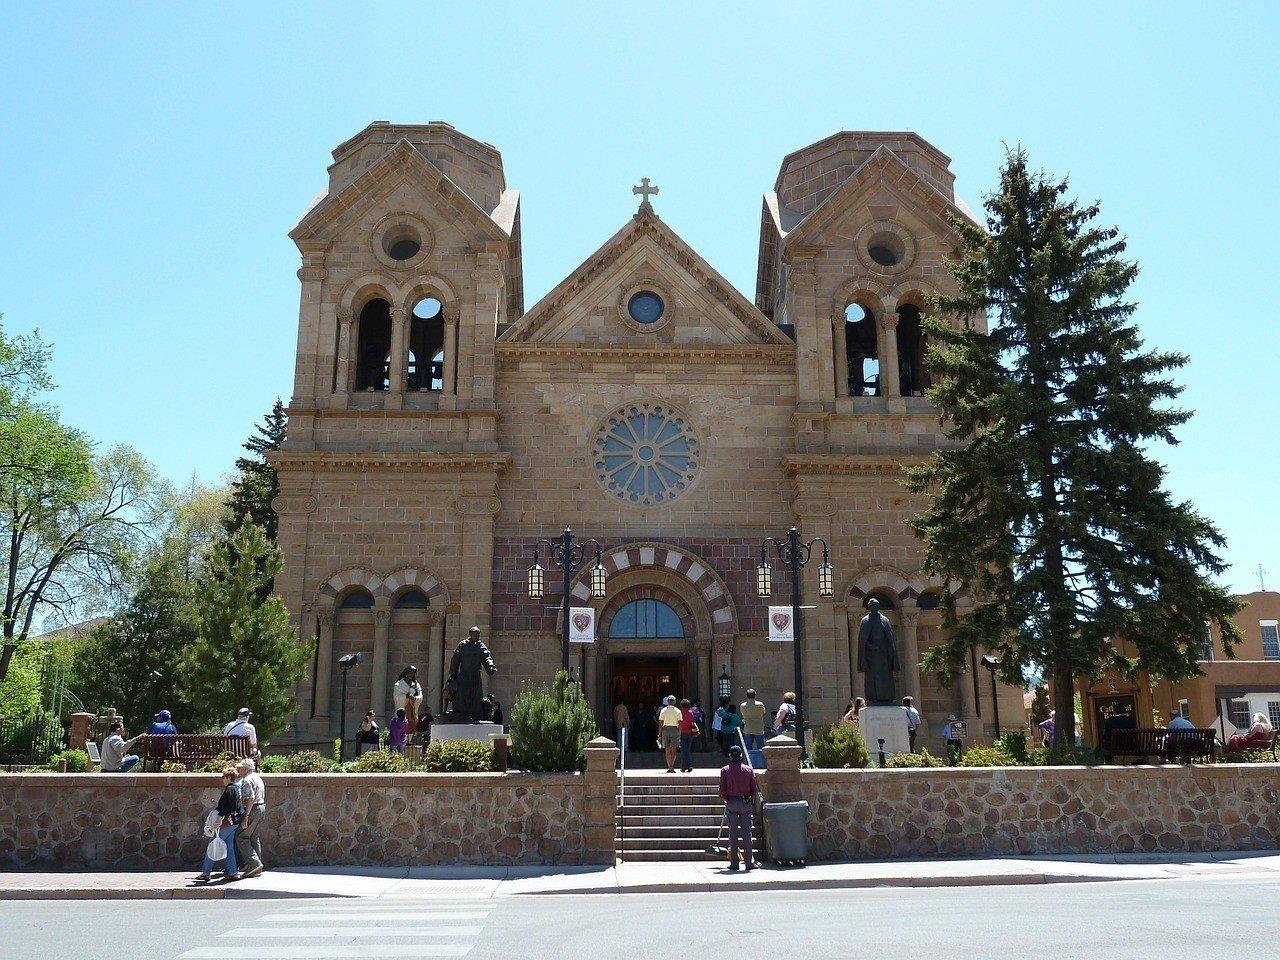 santa fe - Downtown